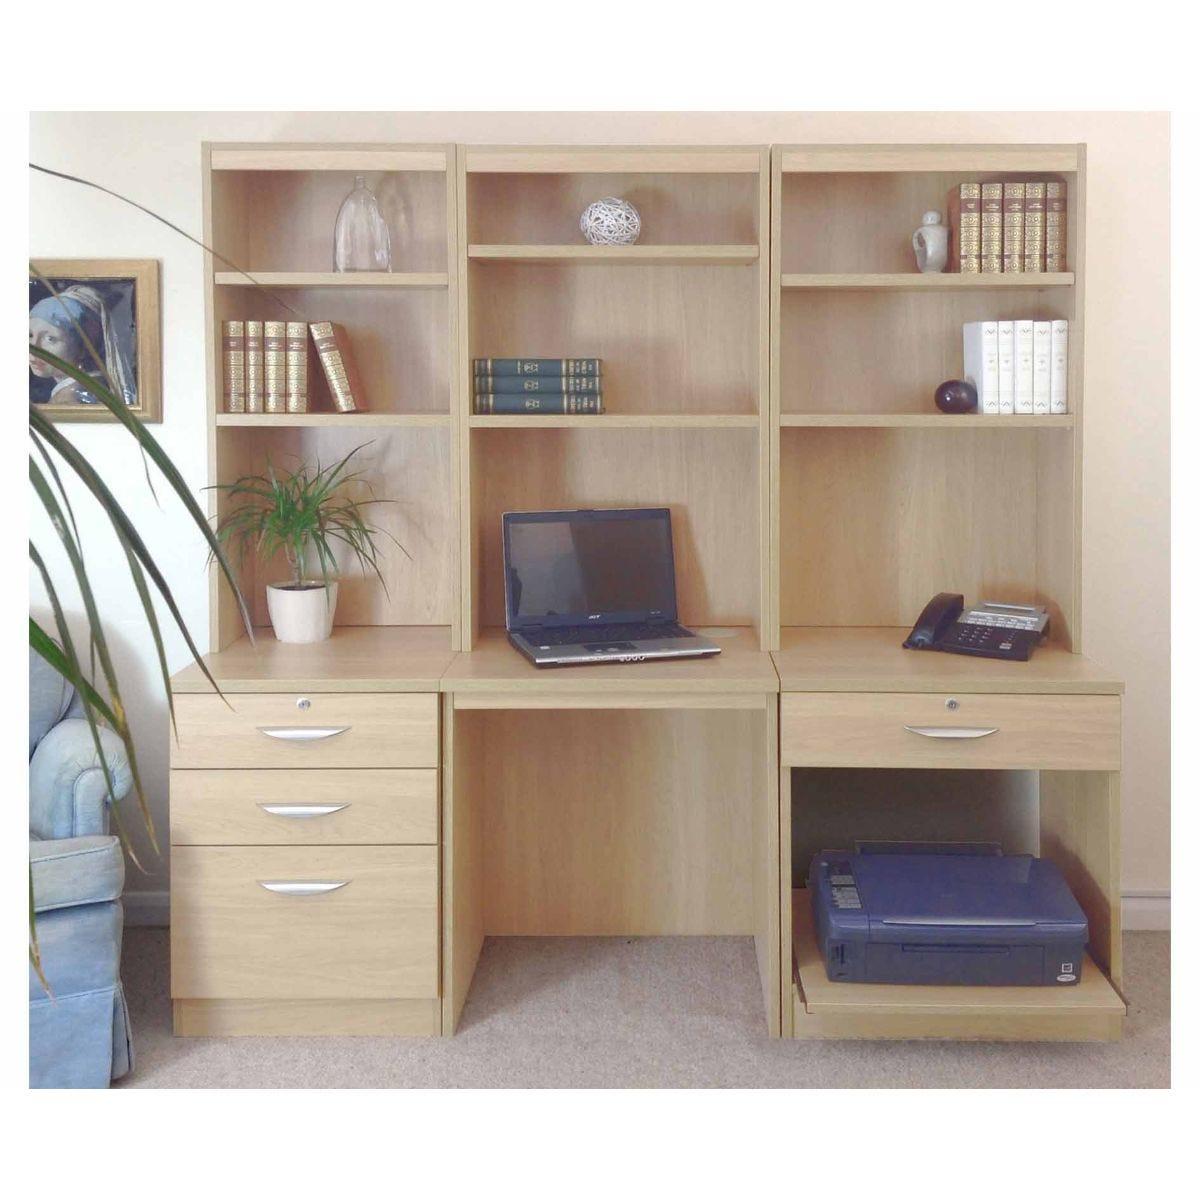 R White Home Office Desk Workstation, Beech